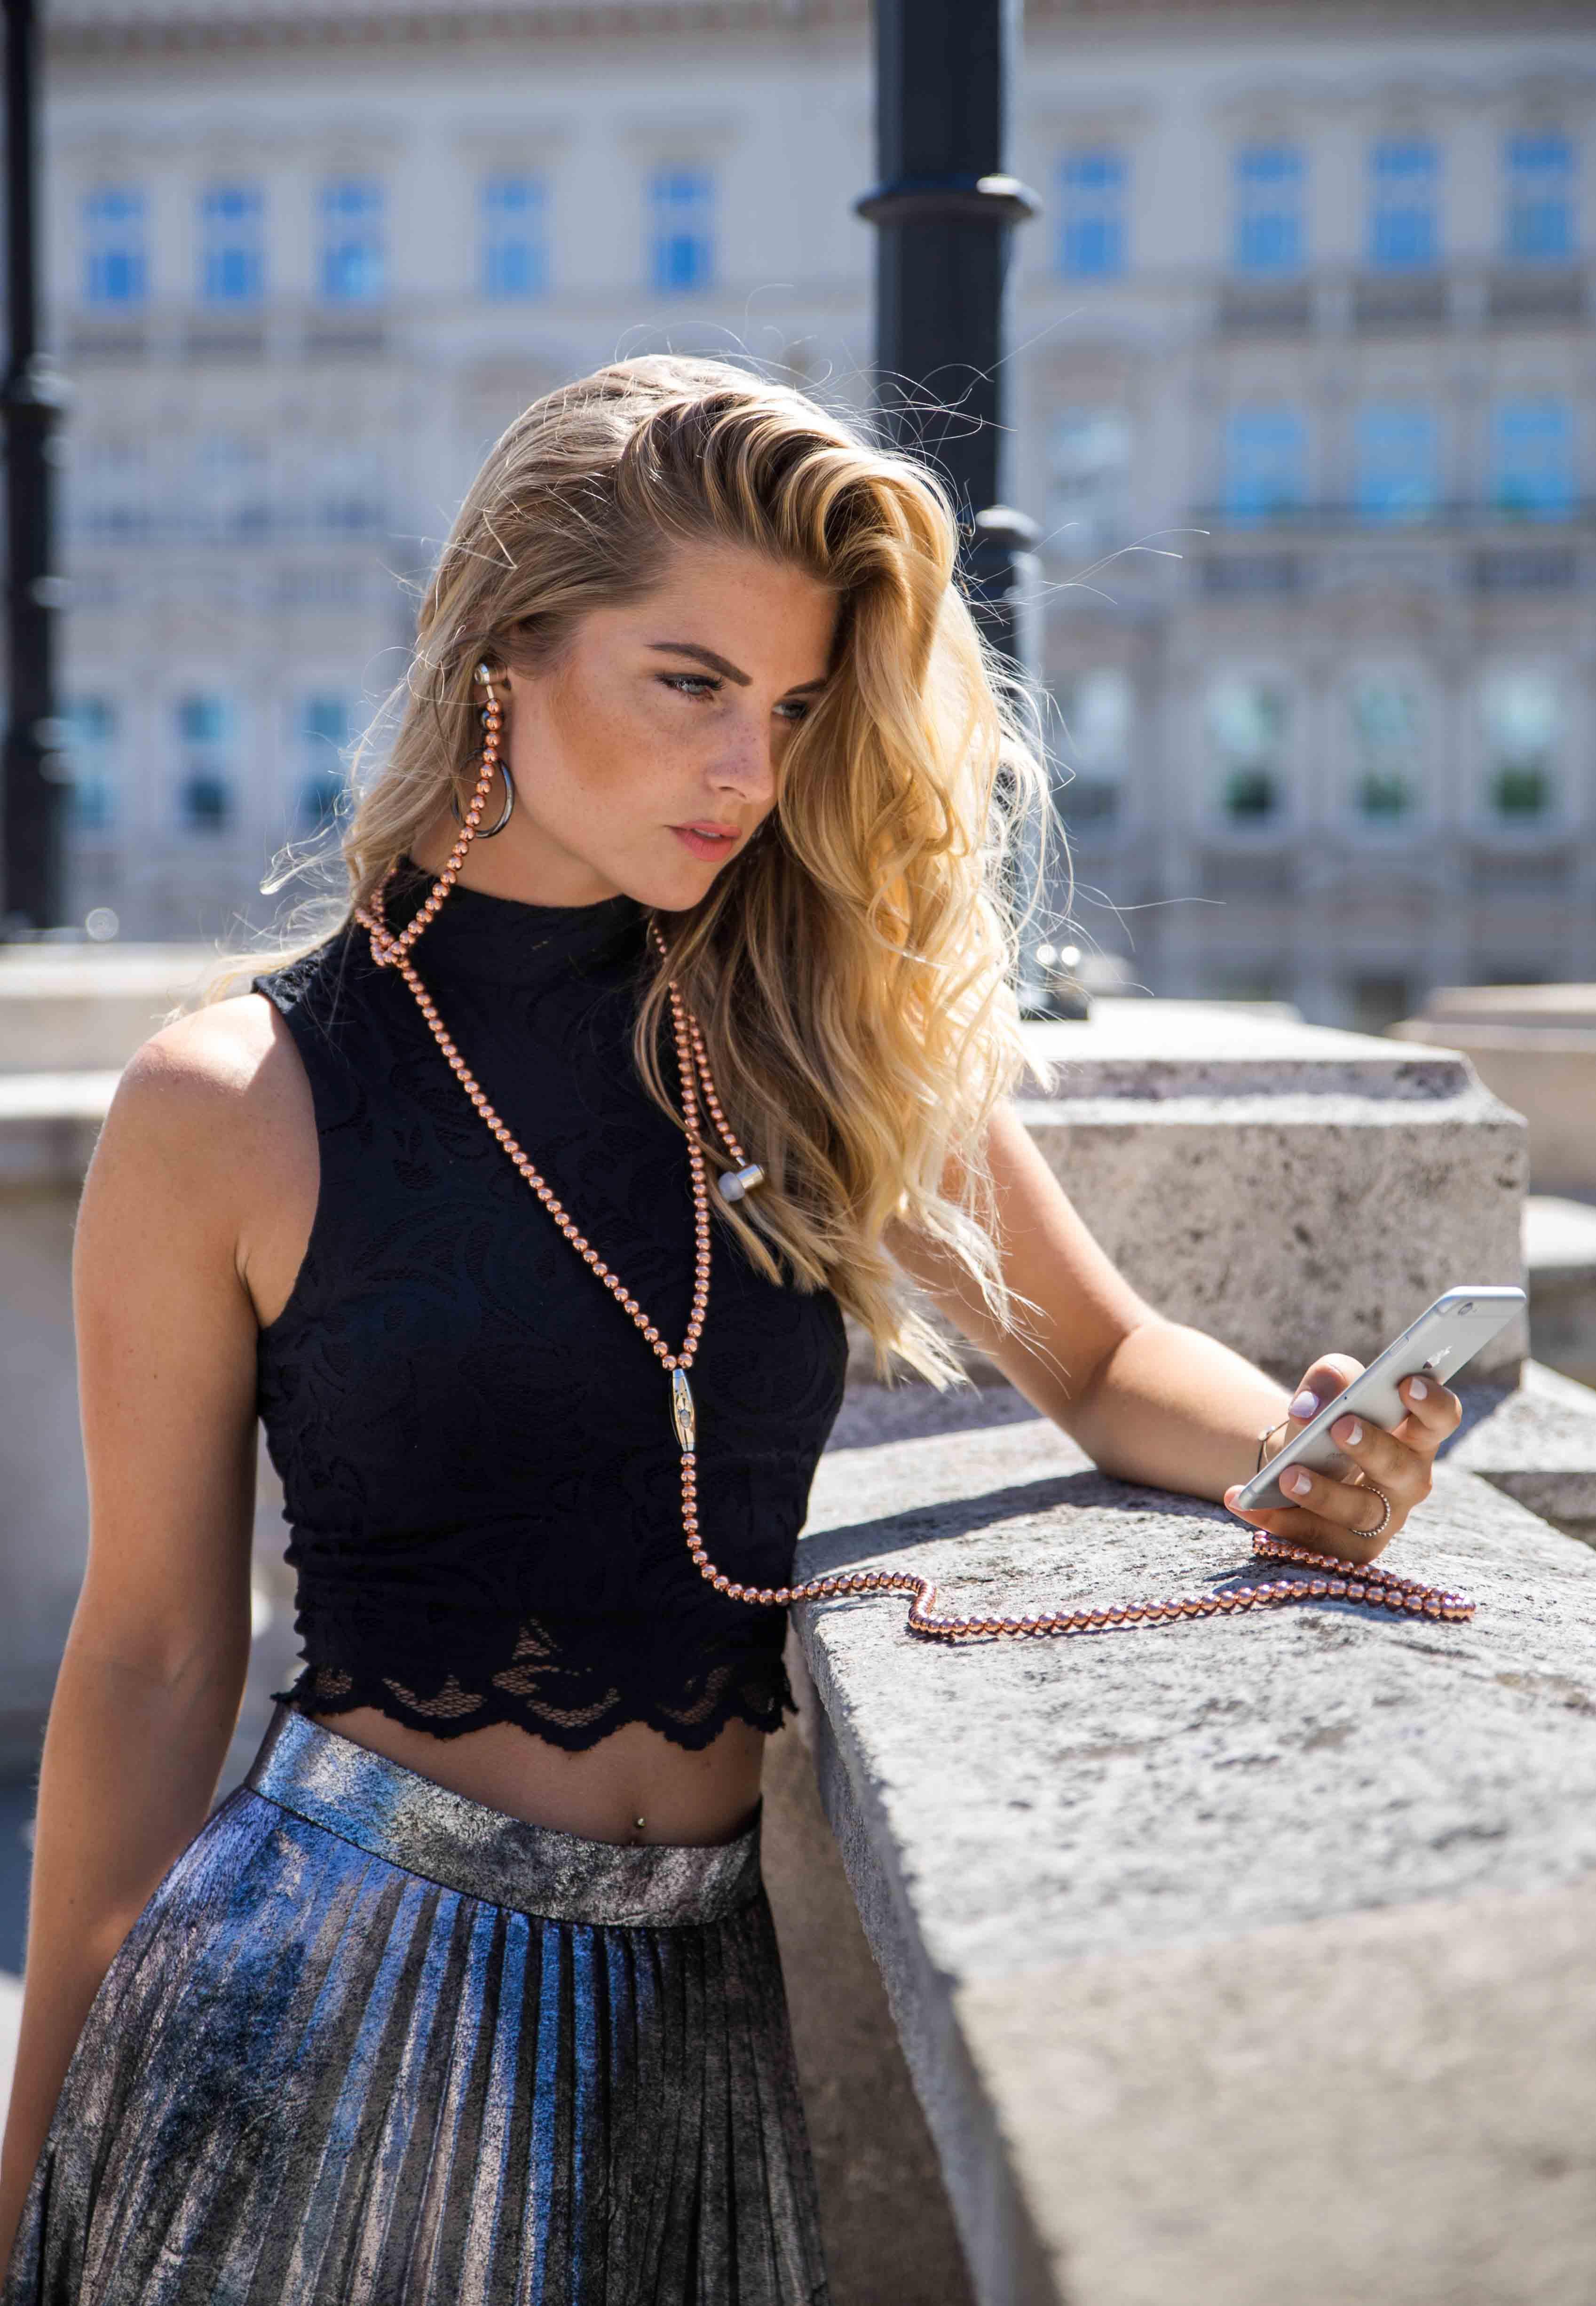 Summer fashion editorial in Vienna